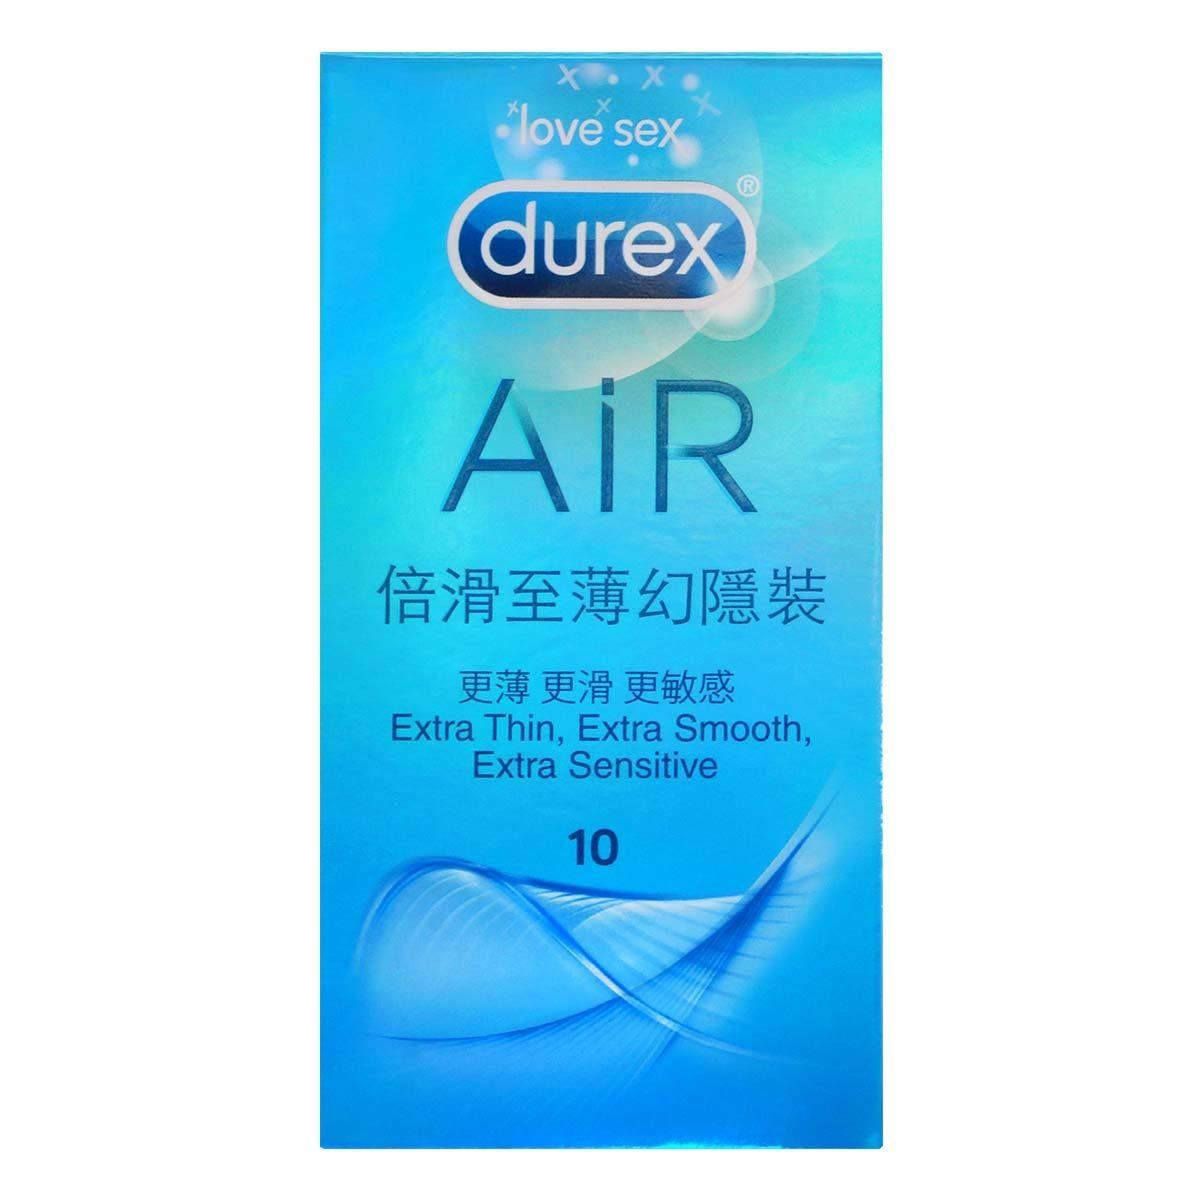 杜蕾斯倍滑至薄幻隱10片安全套(盒) / Durex AIR Extra Smooth Condom - MyCondom